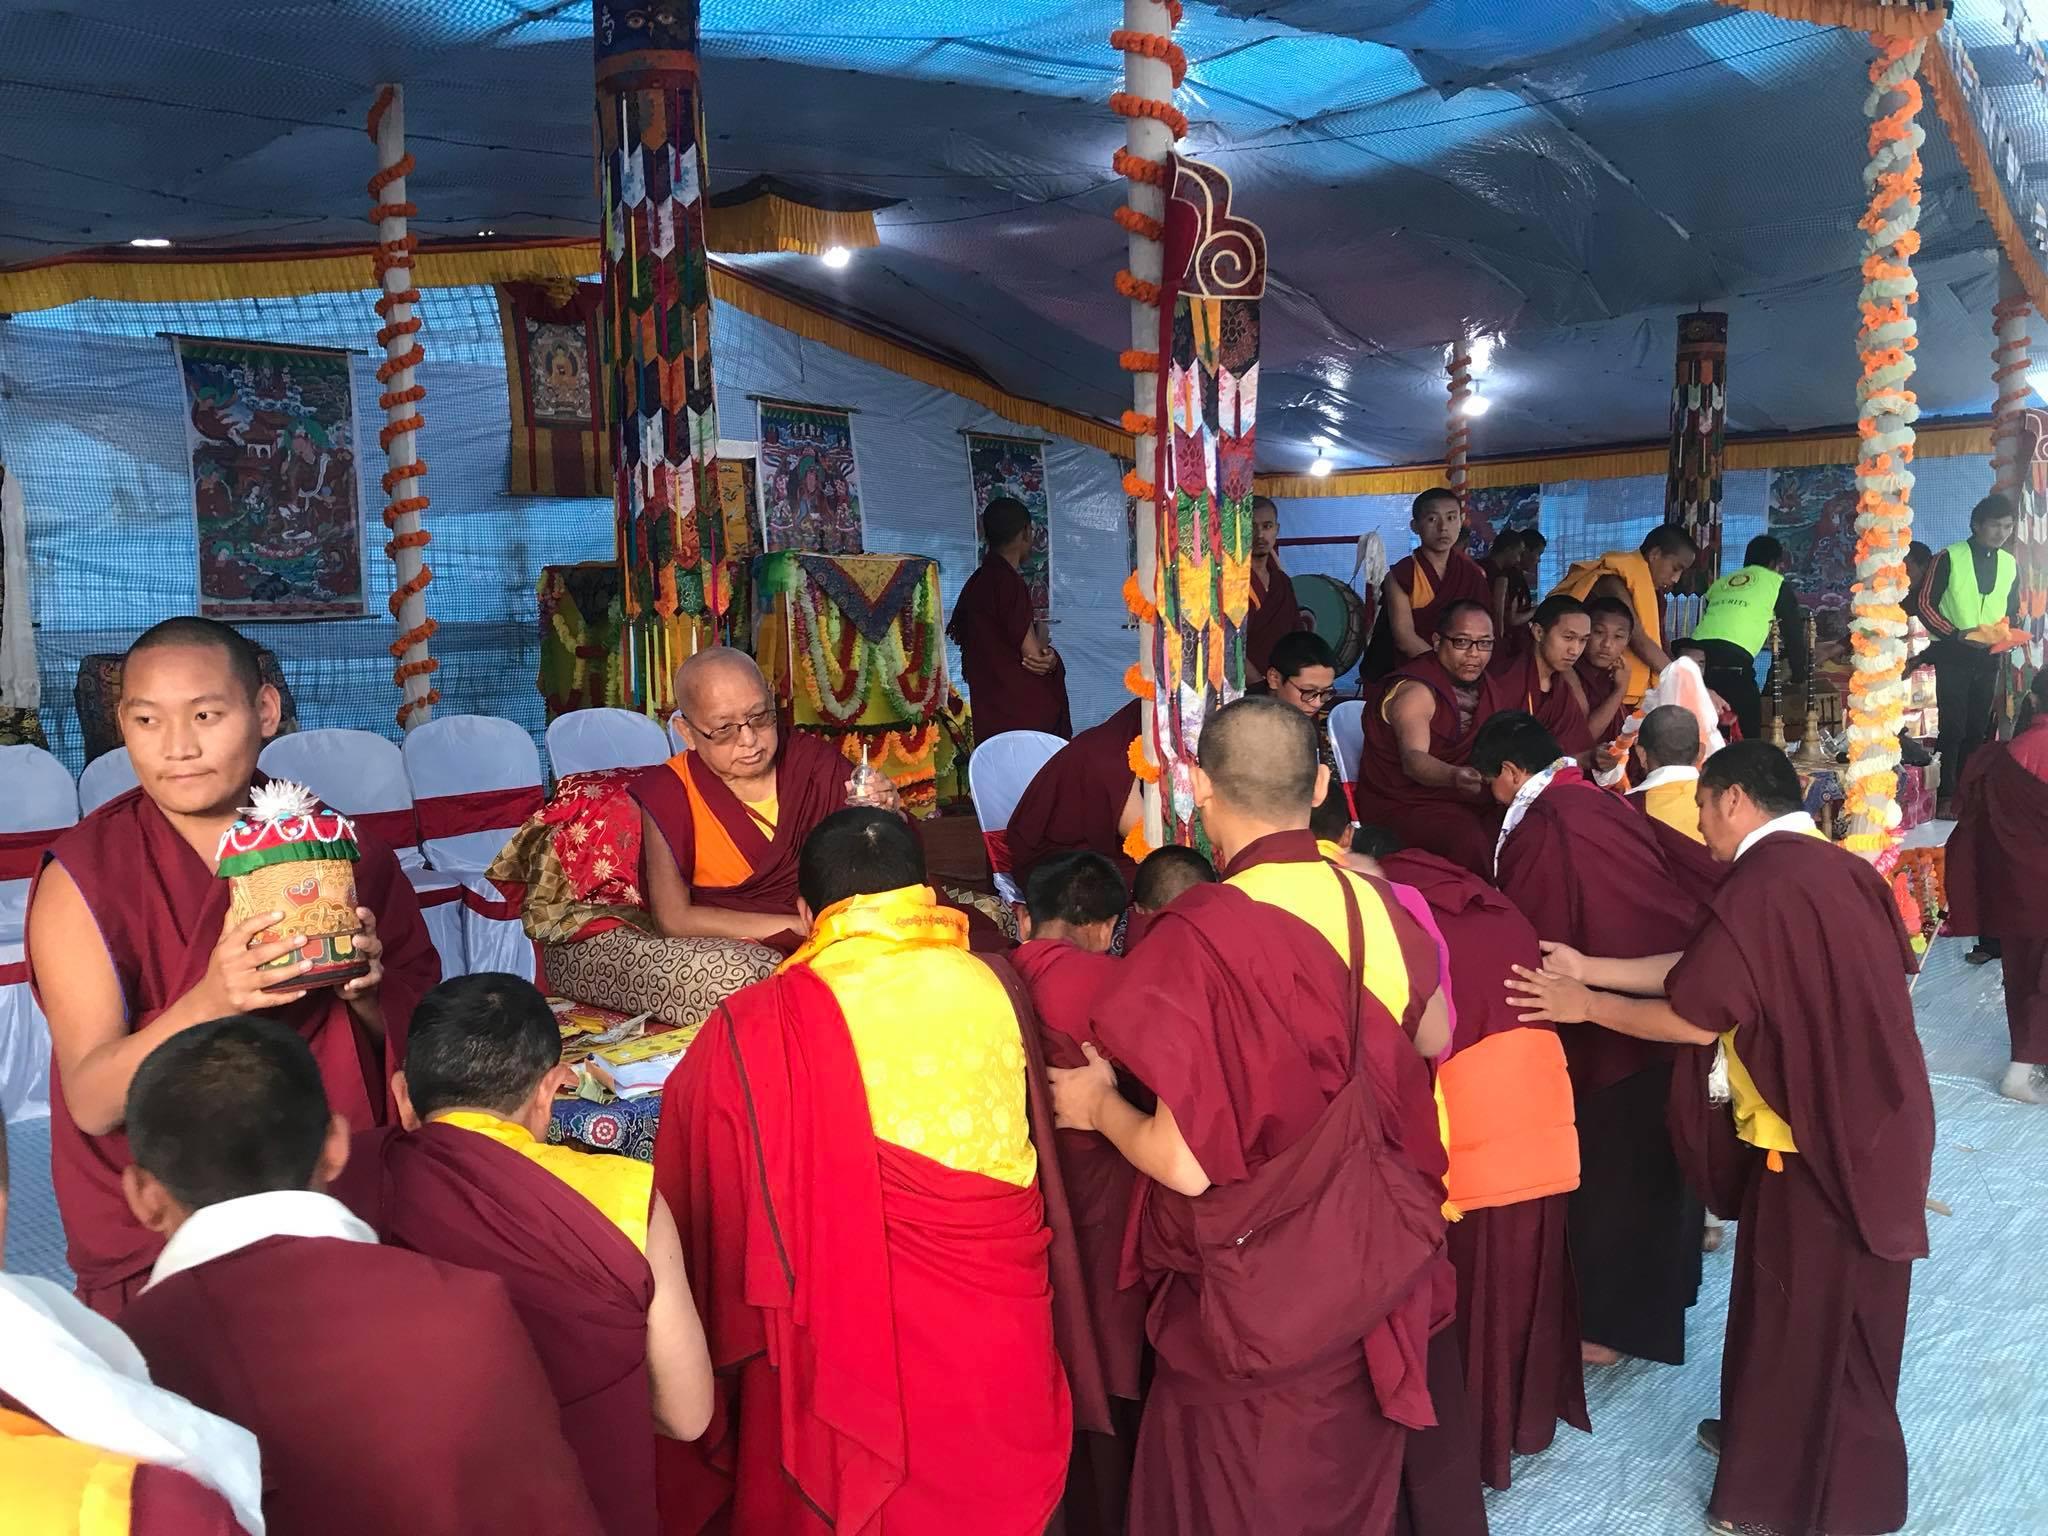 बौद्ध धर्मको प्रवचन सहित सकियो बज्रगुरु - तस्बीर सहित